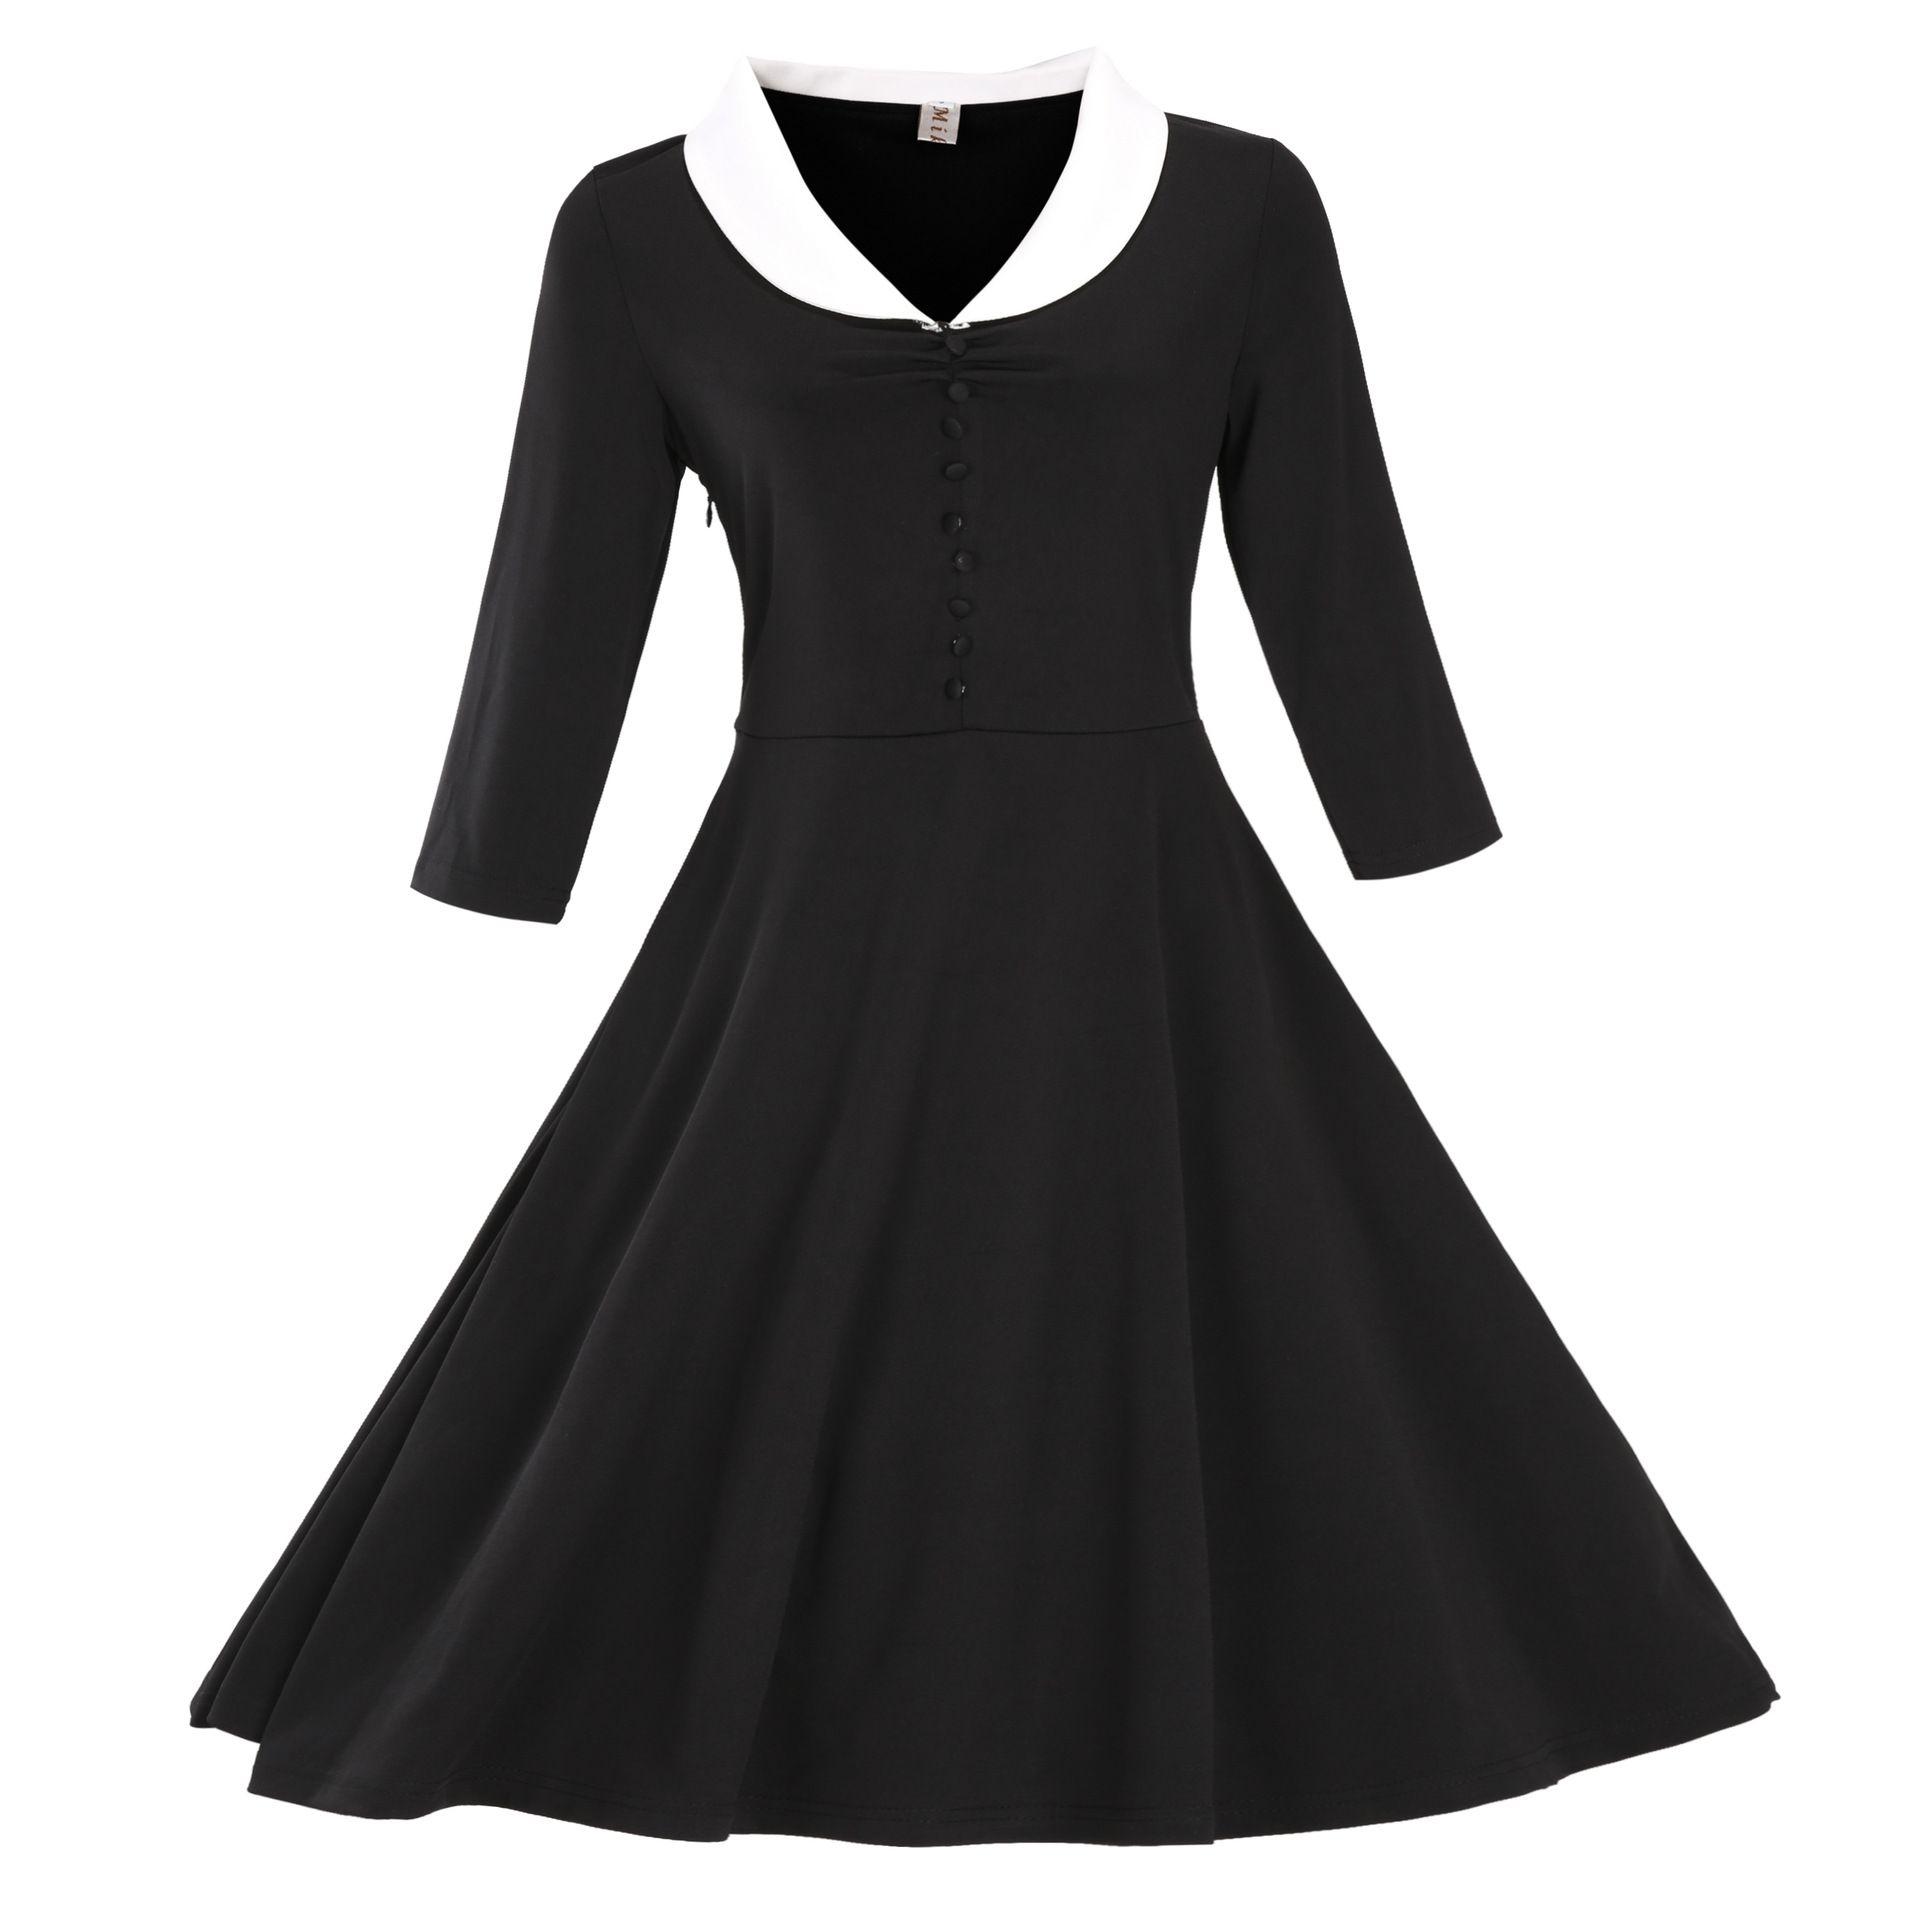 Acheter New Vintage Black Manches Longues Casual Robes Automne Hiver S 3xl Robe Pas Cher Mode Robes Rockabilly Livraison Gratuite Mc0898 De 21 55 Du Earlybirdno1 Dhgate Com